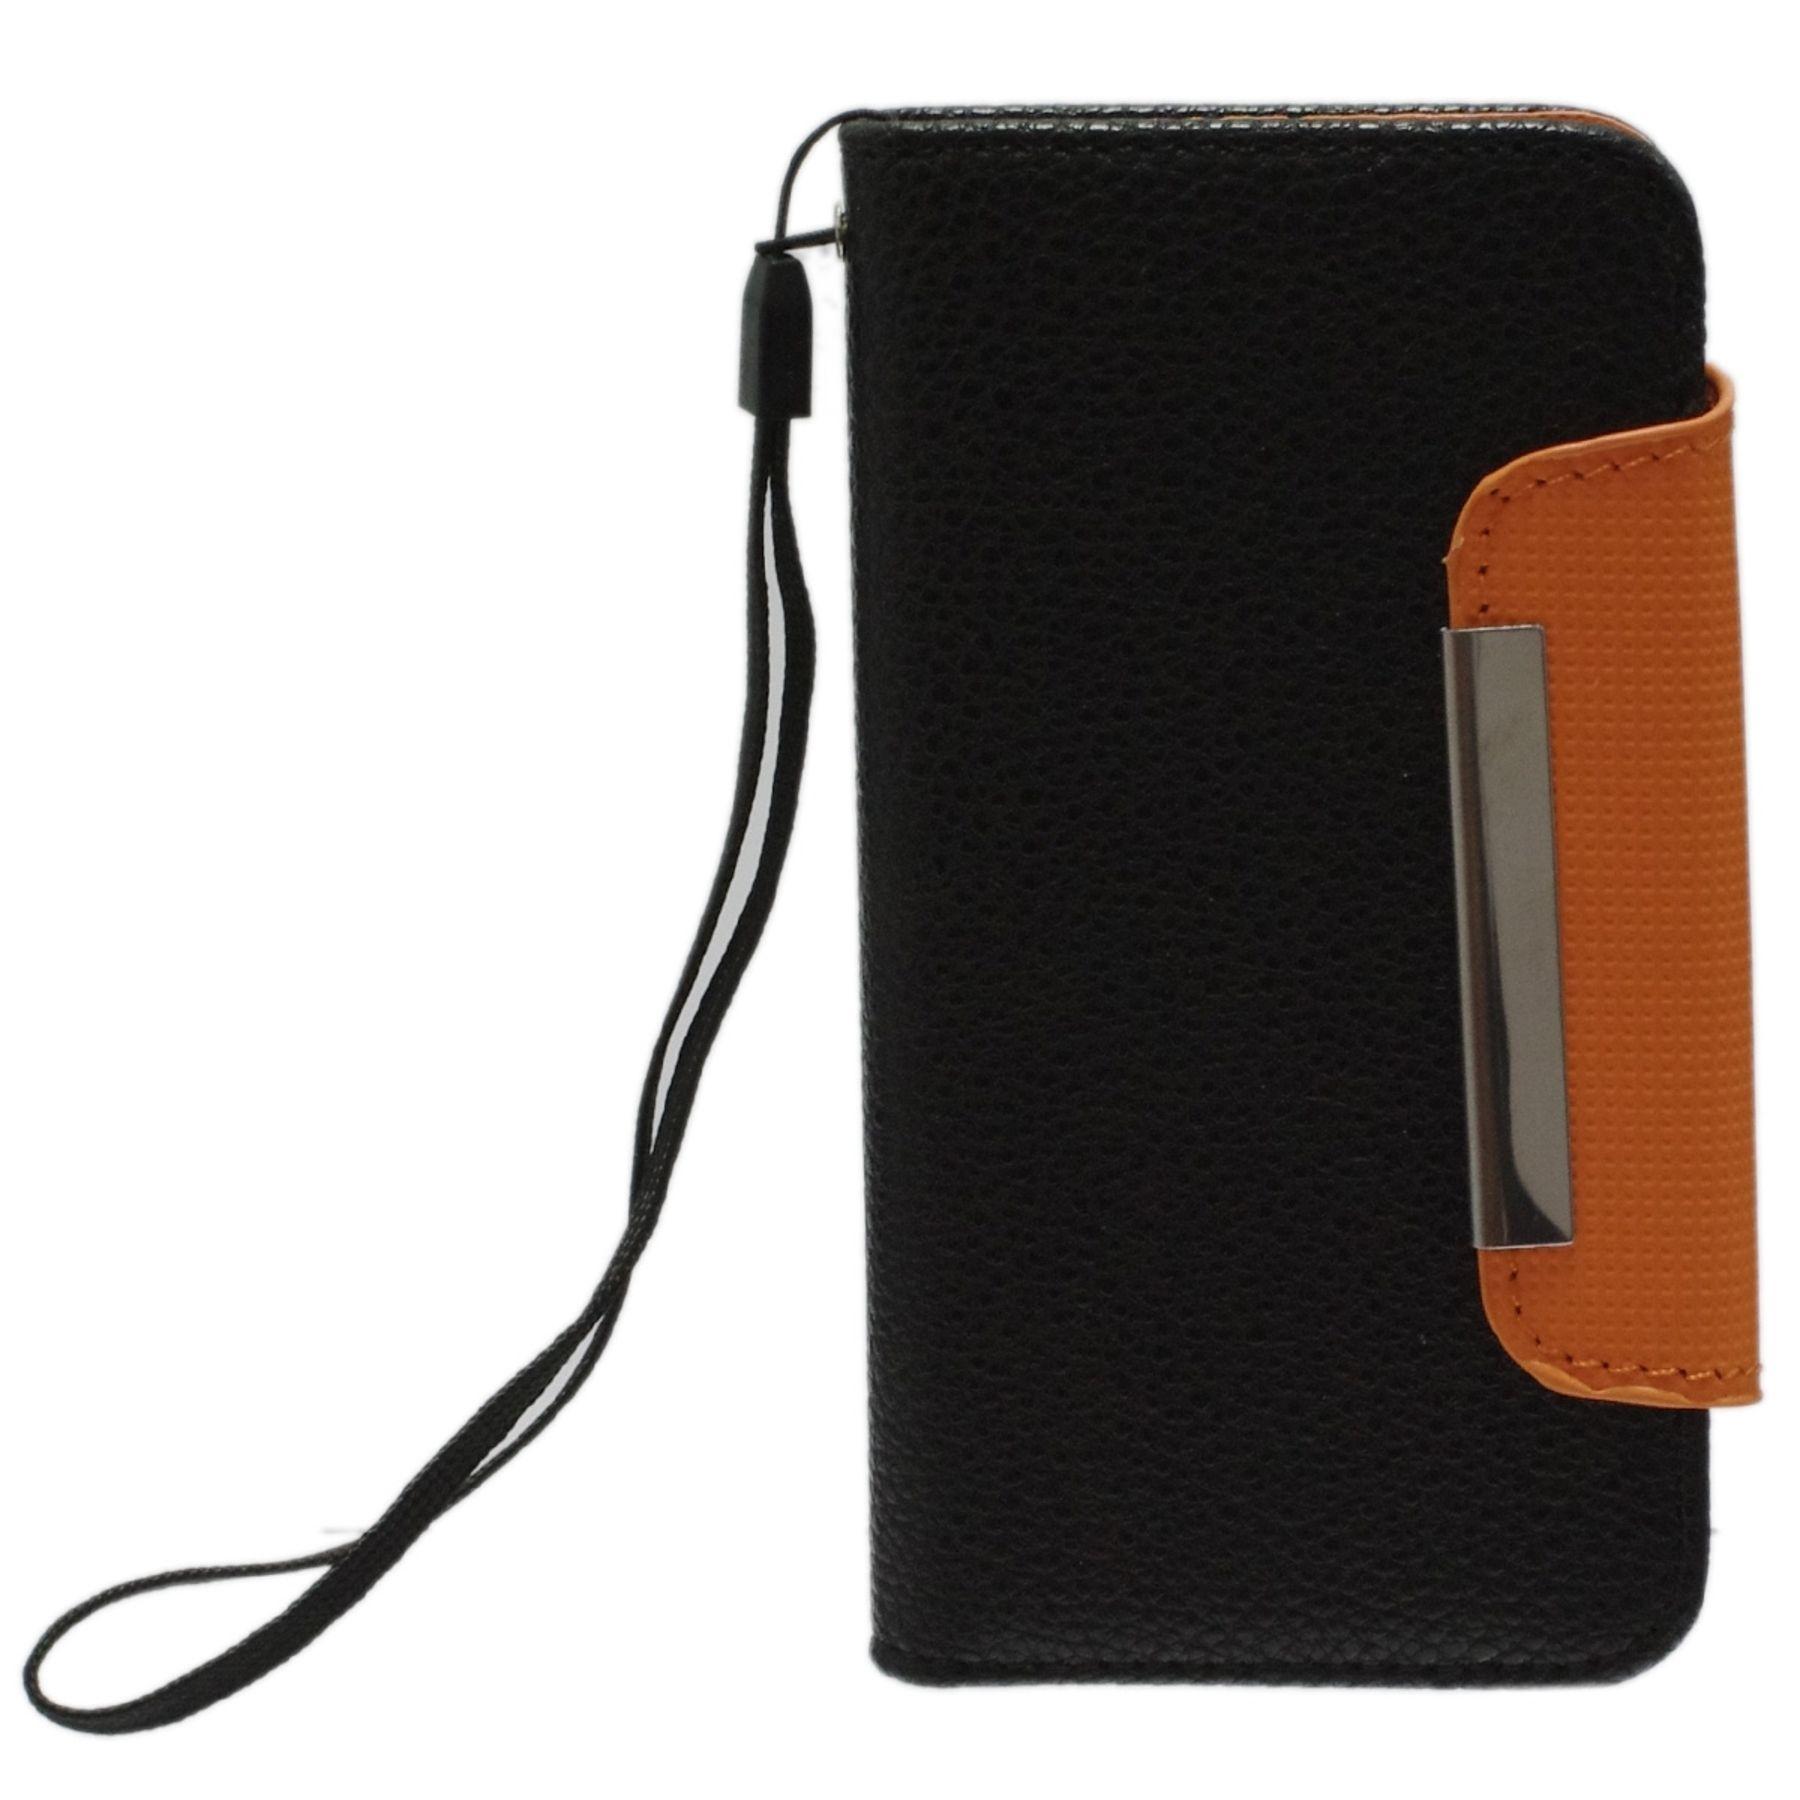 Housse iphone 5 avec porte carte noir for Housse iphone 5